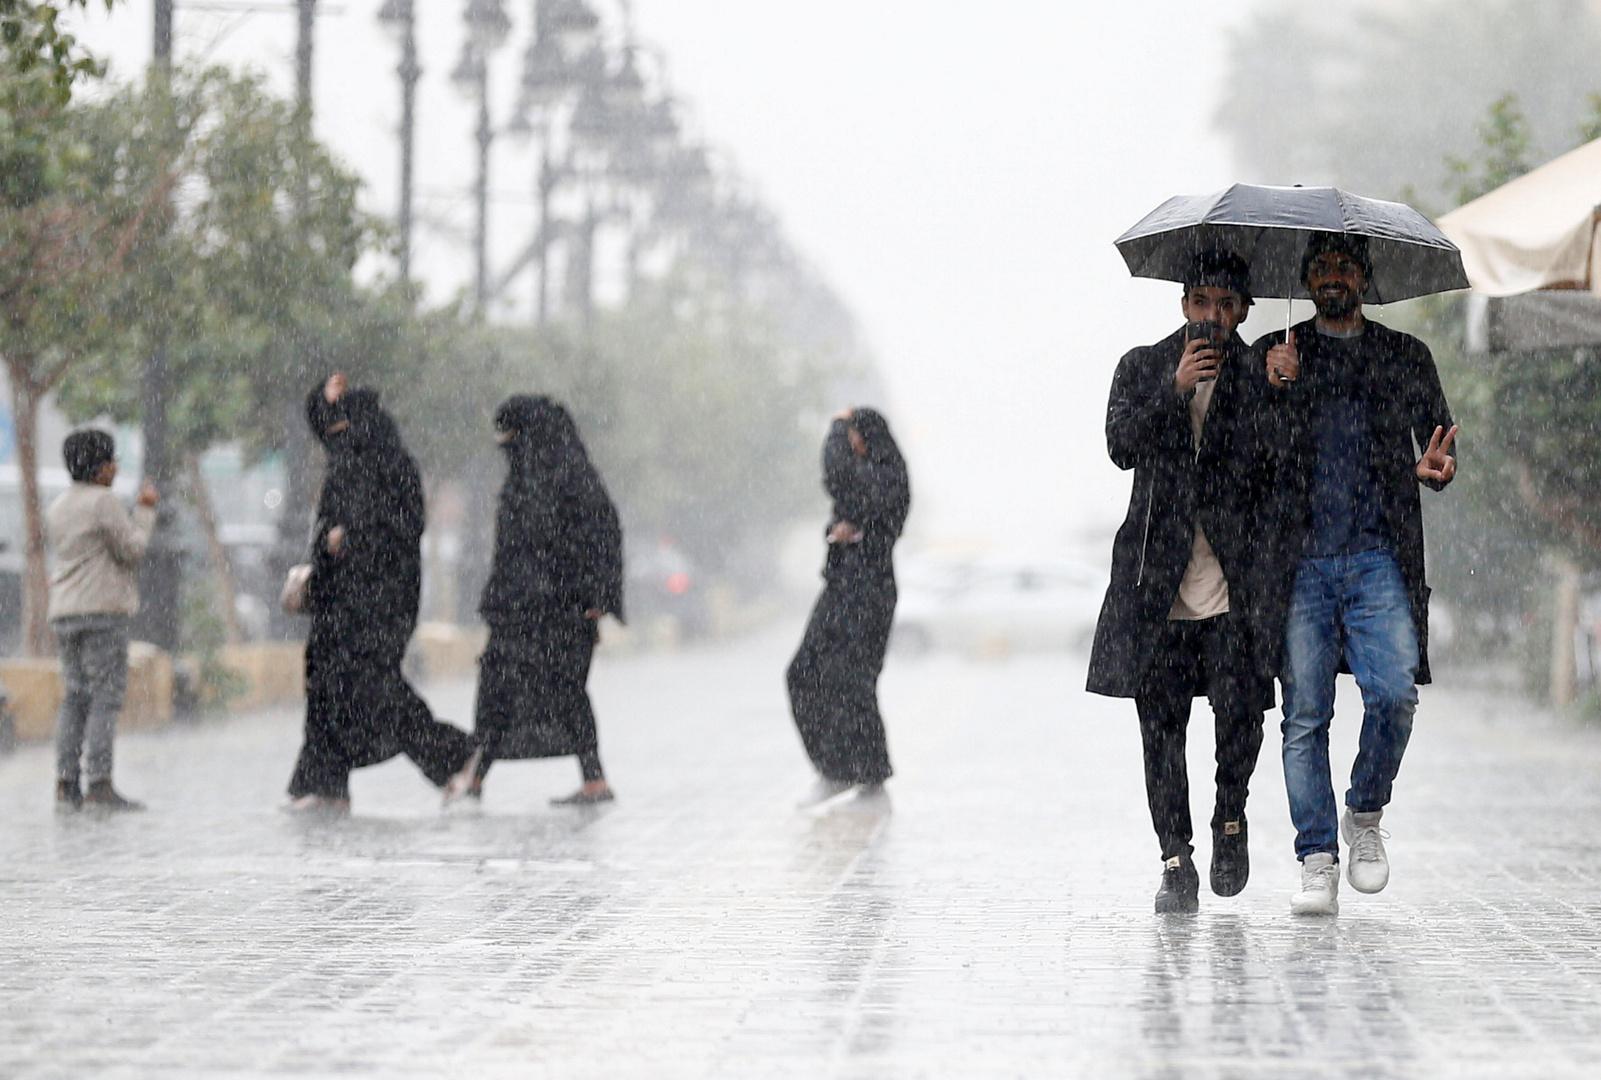 أمطار غزيرة في منطقة جازان السعودية وعقوبات على المتهورين (فيديوهات)